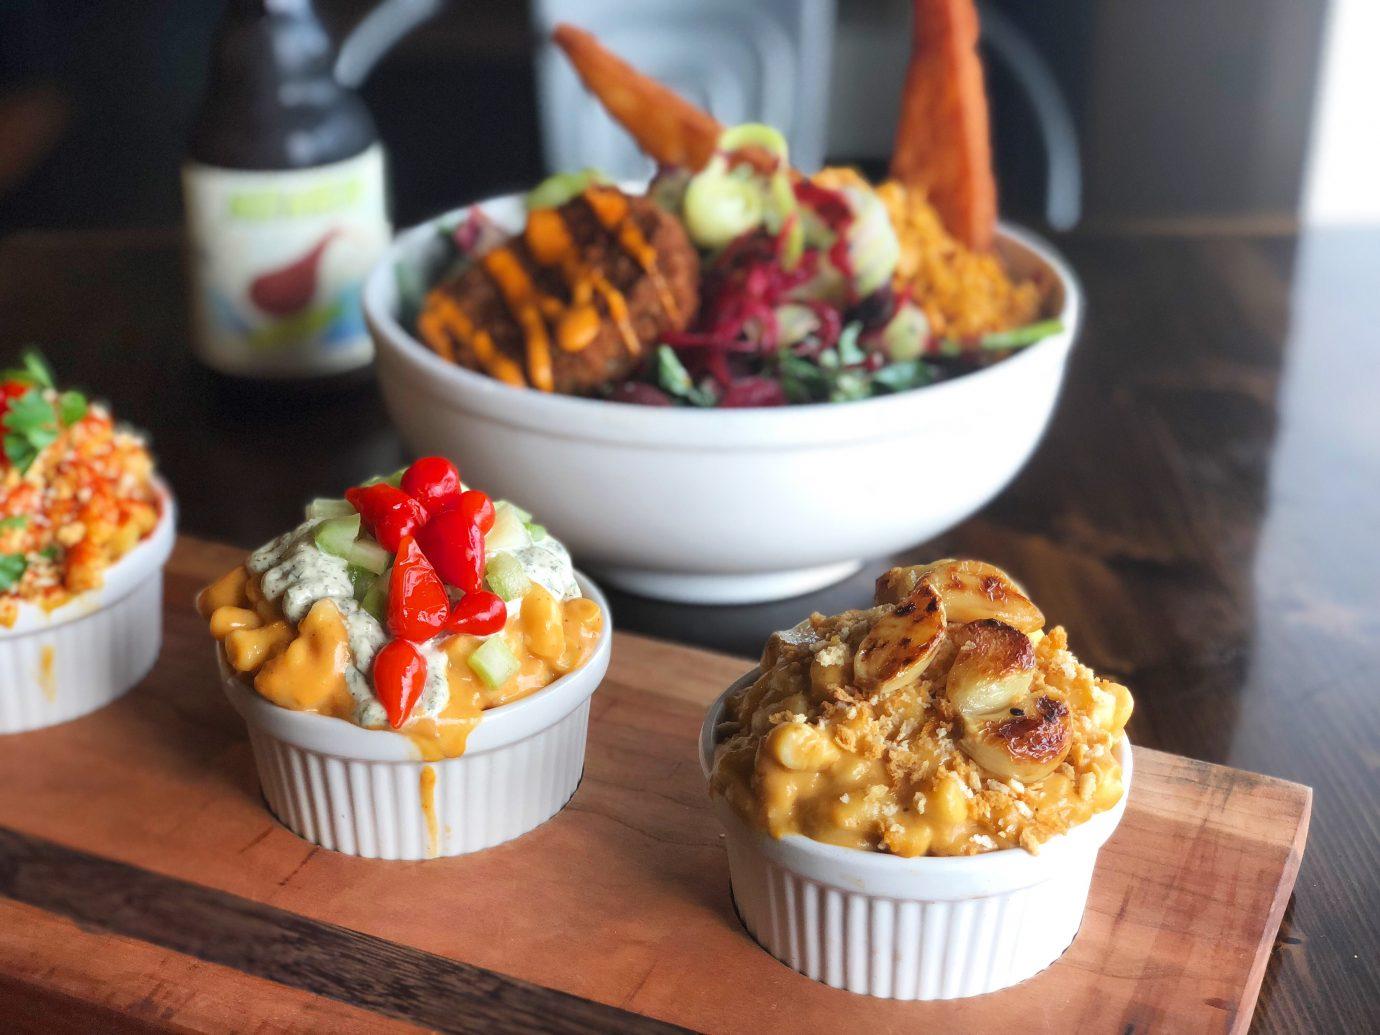 Dixie Dharma vegan comfort food